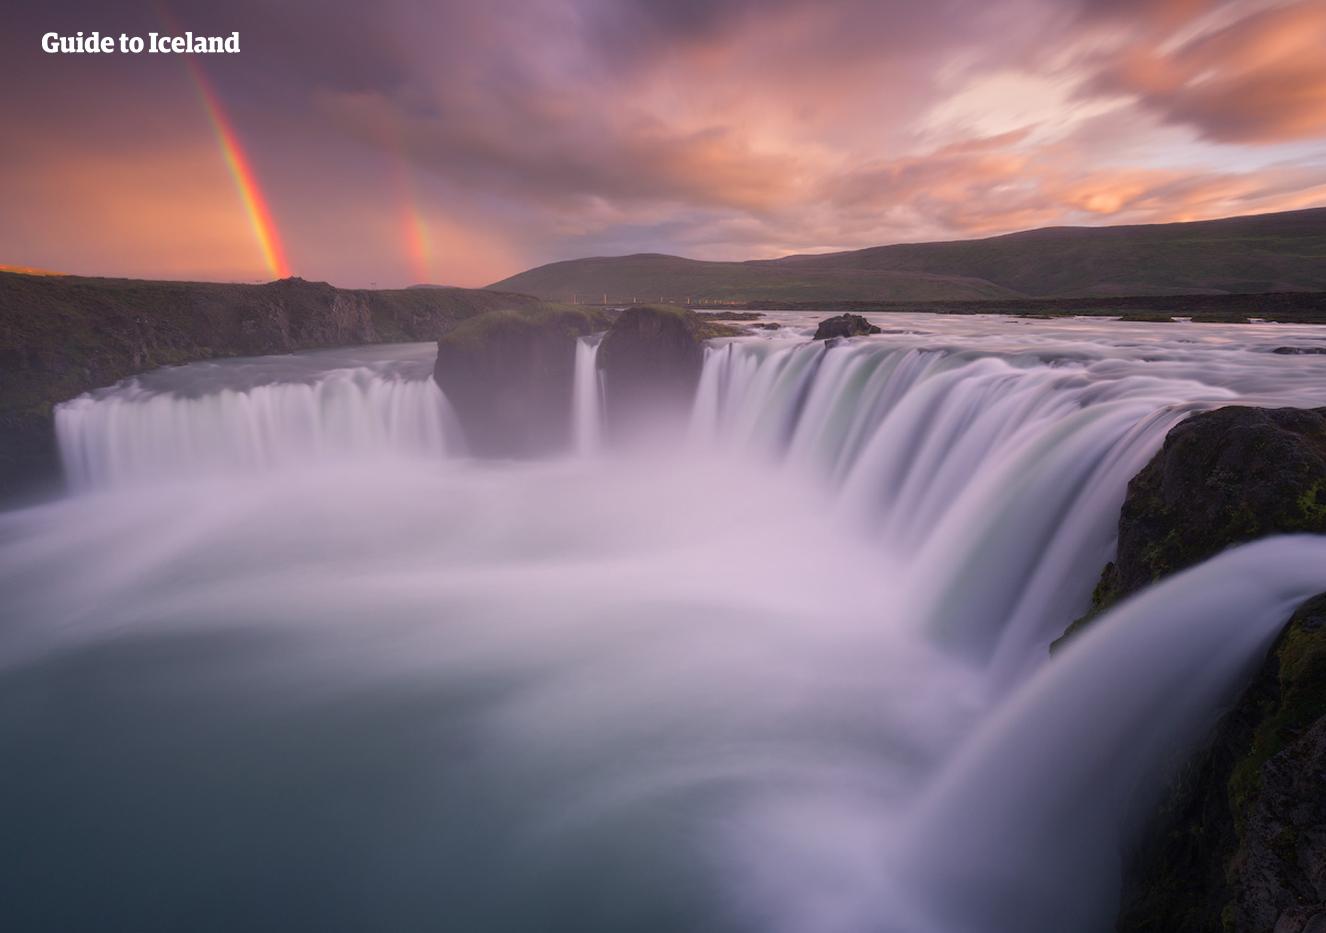 Autotour hiver de 7 jours | Cercle d'Or & Nord de l'Islande - day 4